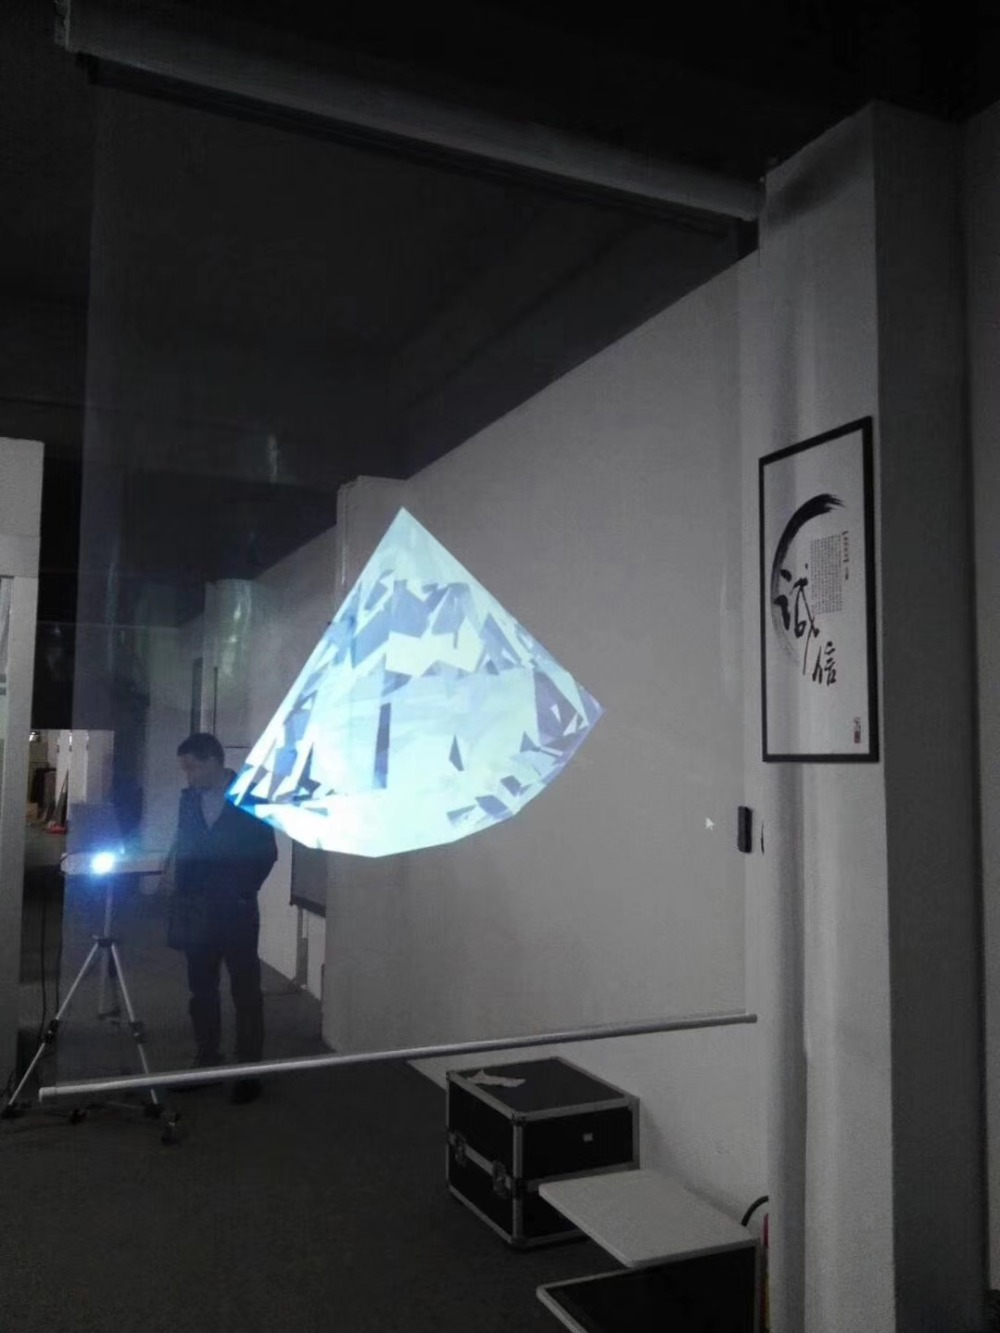 52 дюймов 16:9 прозрачная проекционная пленка для торговых окон